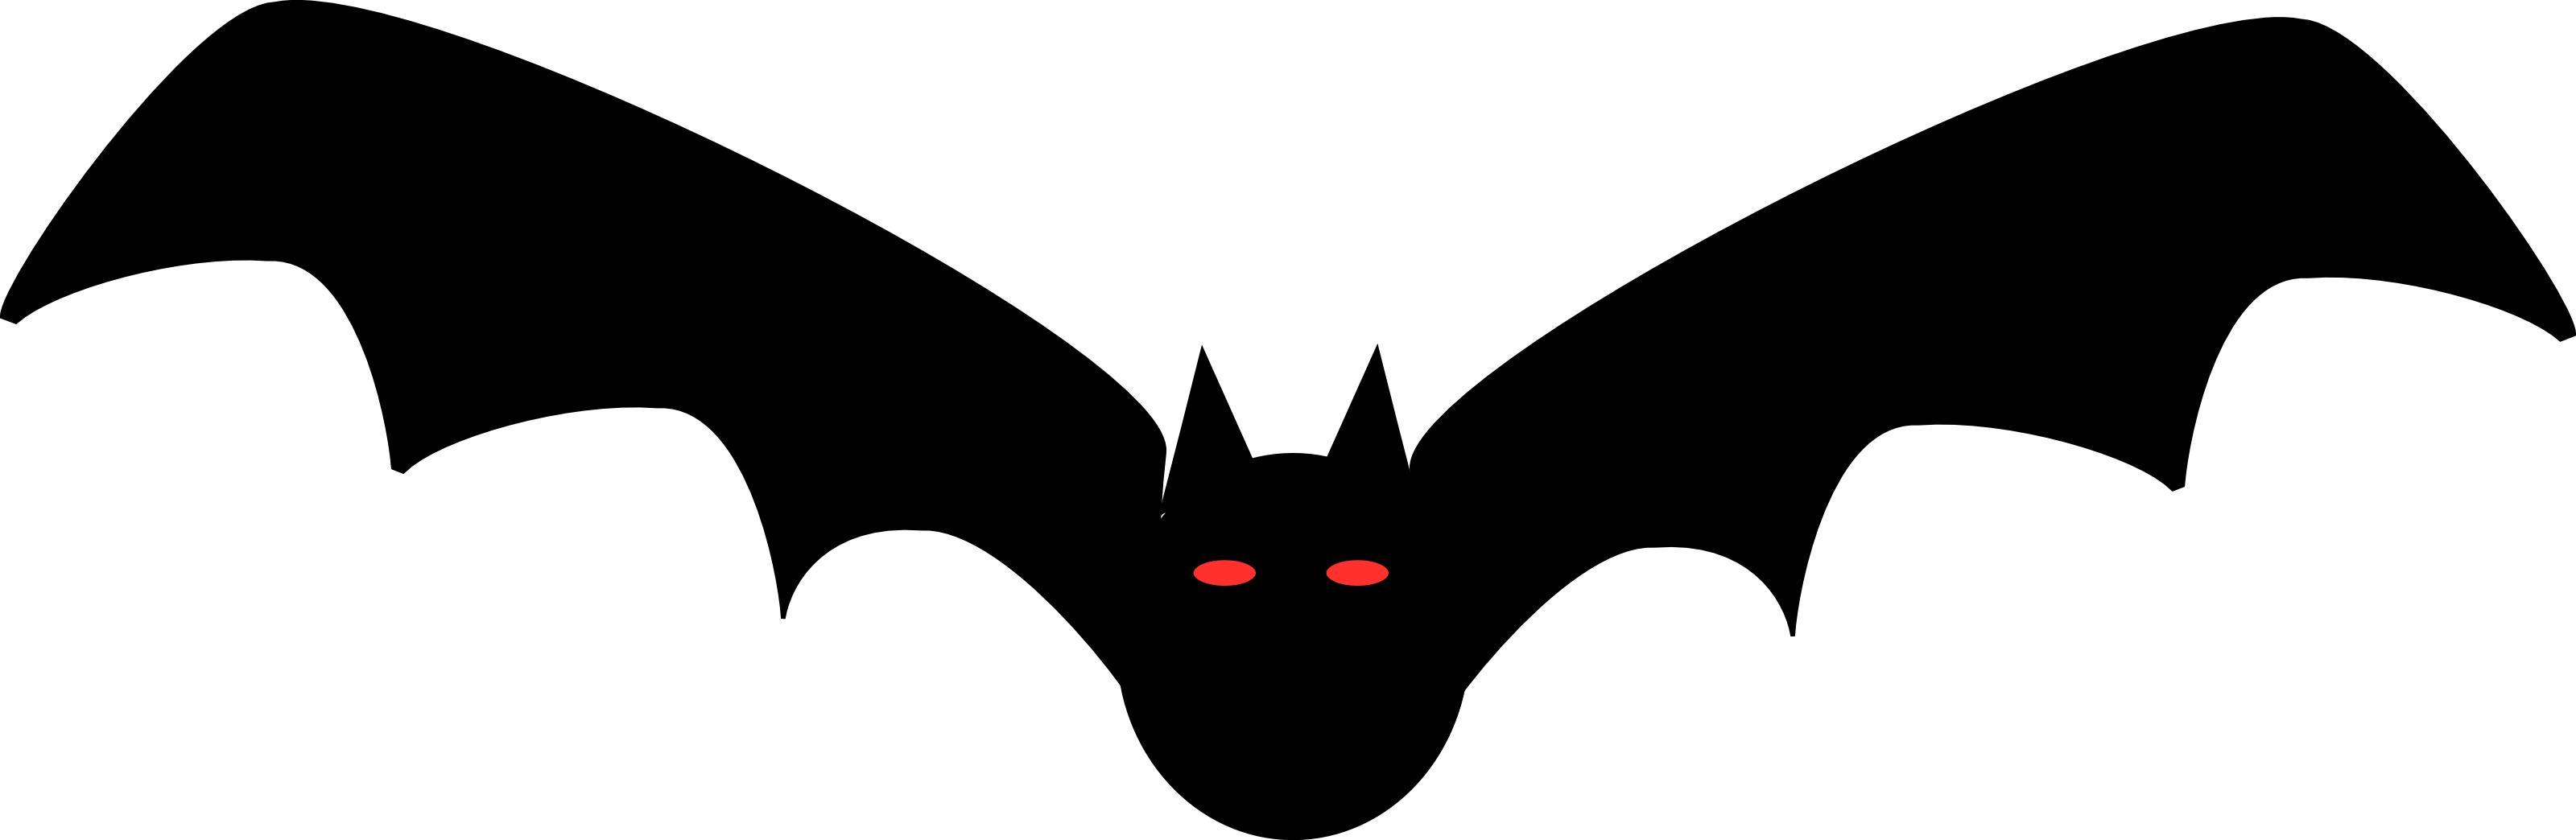 Bat Clip Art